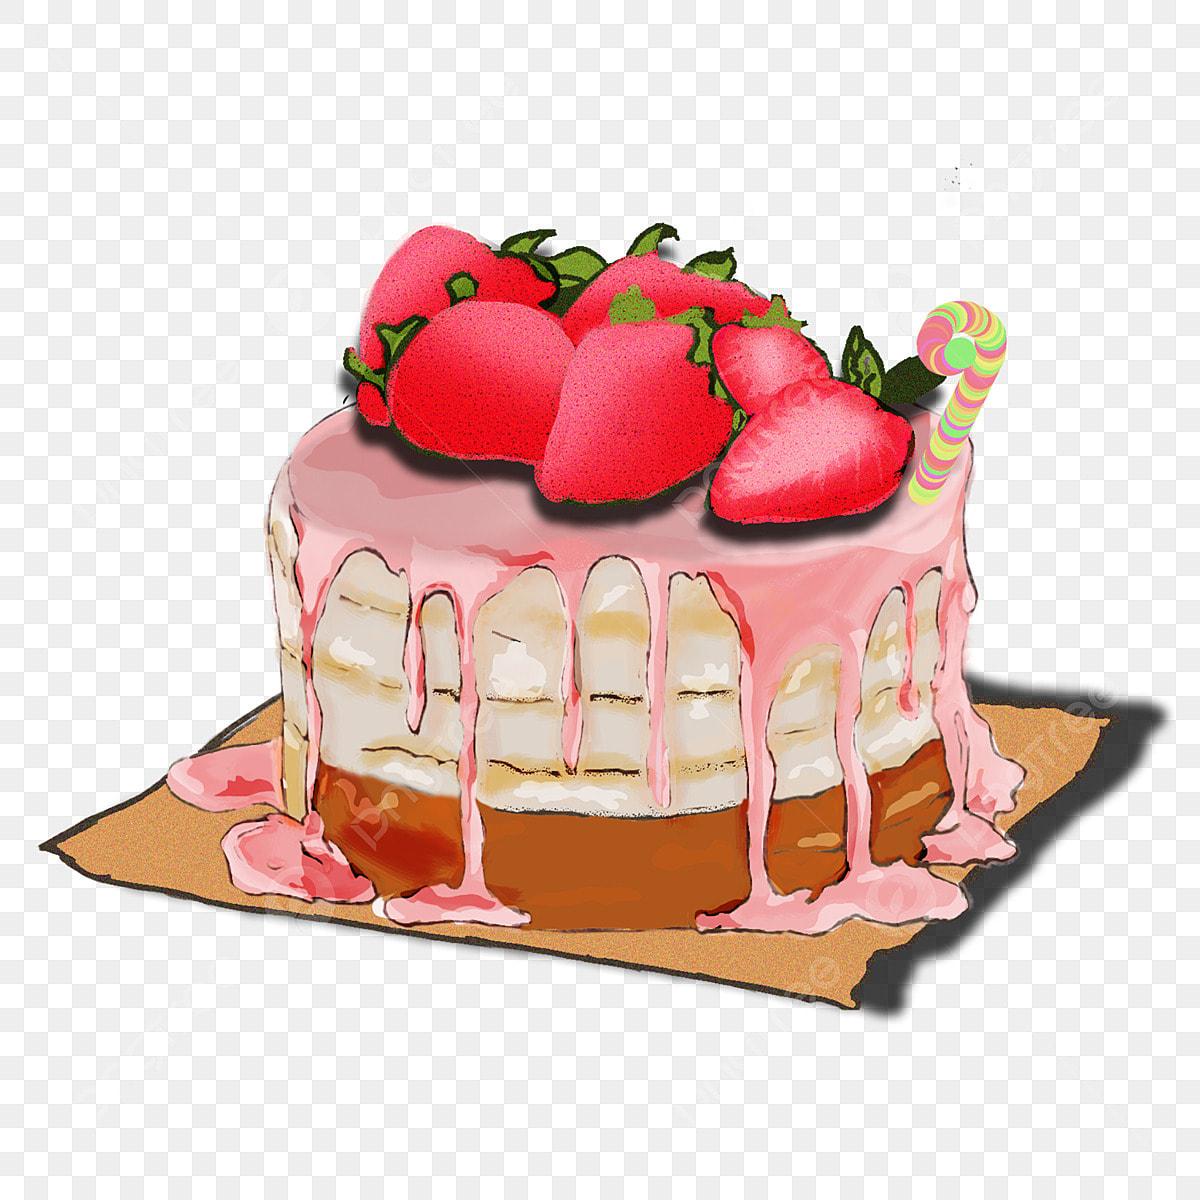 Tarta De Fresas Pastel Creativo Fresa Comida De Dibujos Animados